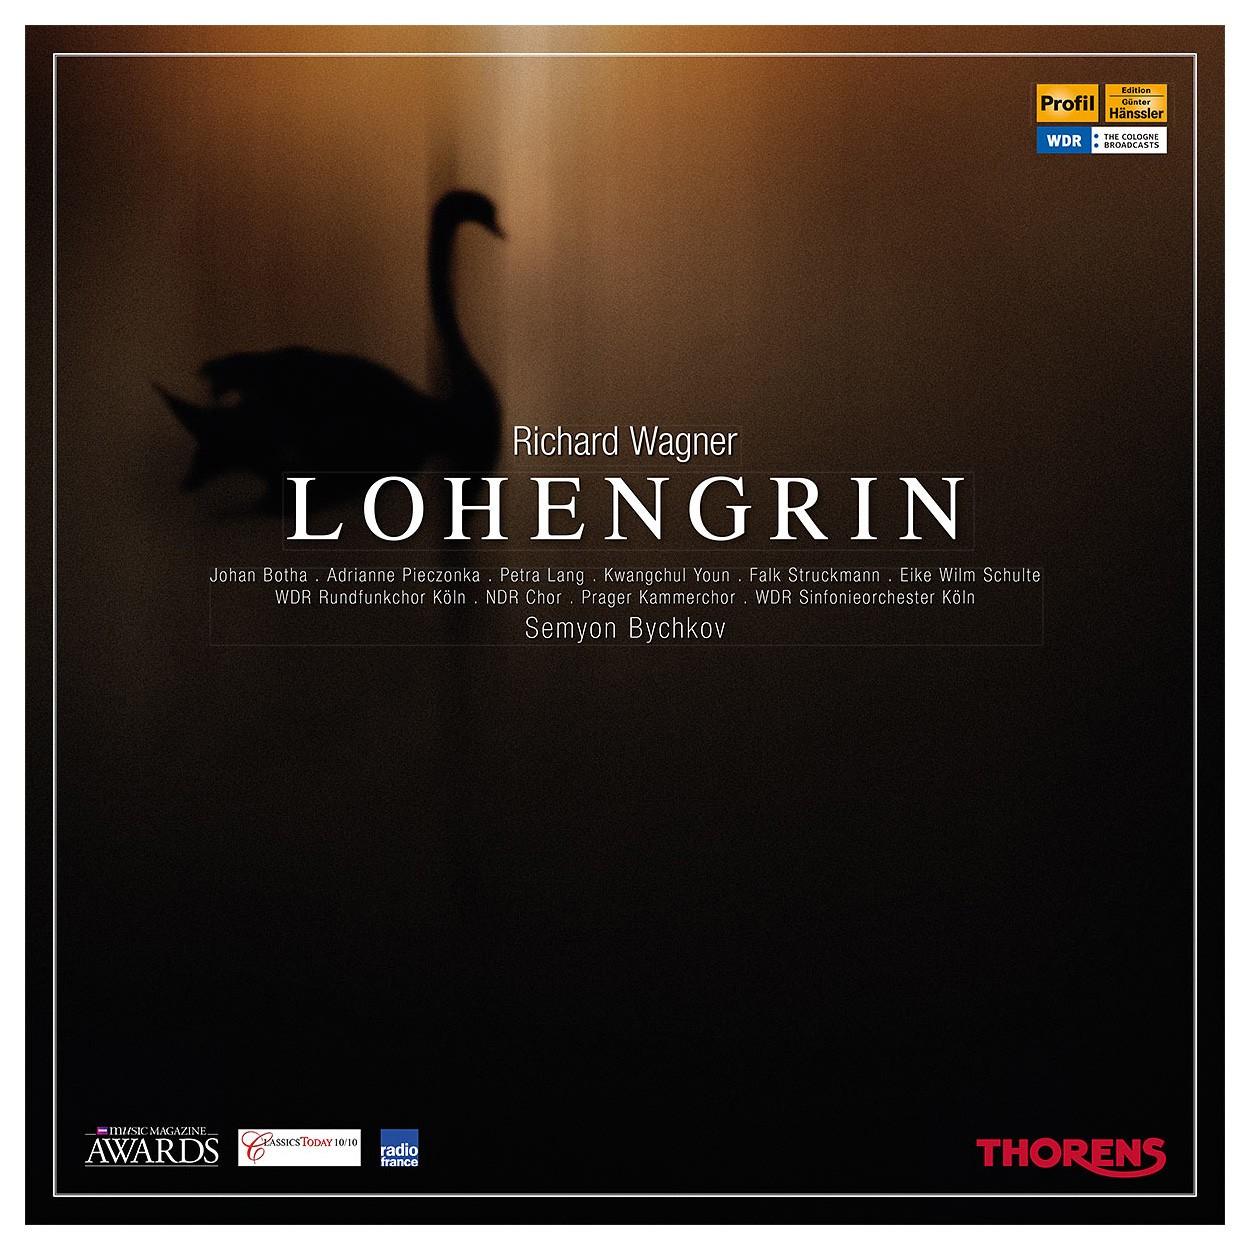 Thorens Richard Wagner - Lohengrin 5er LP/Schallplatte